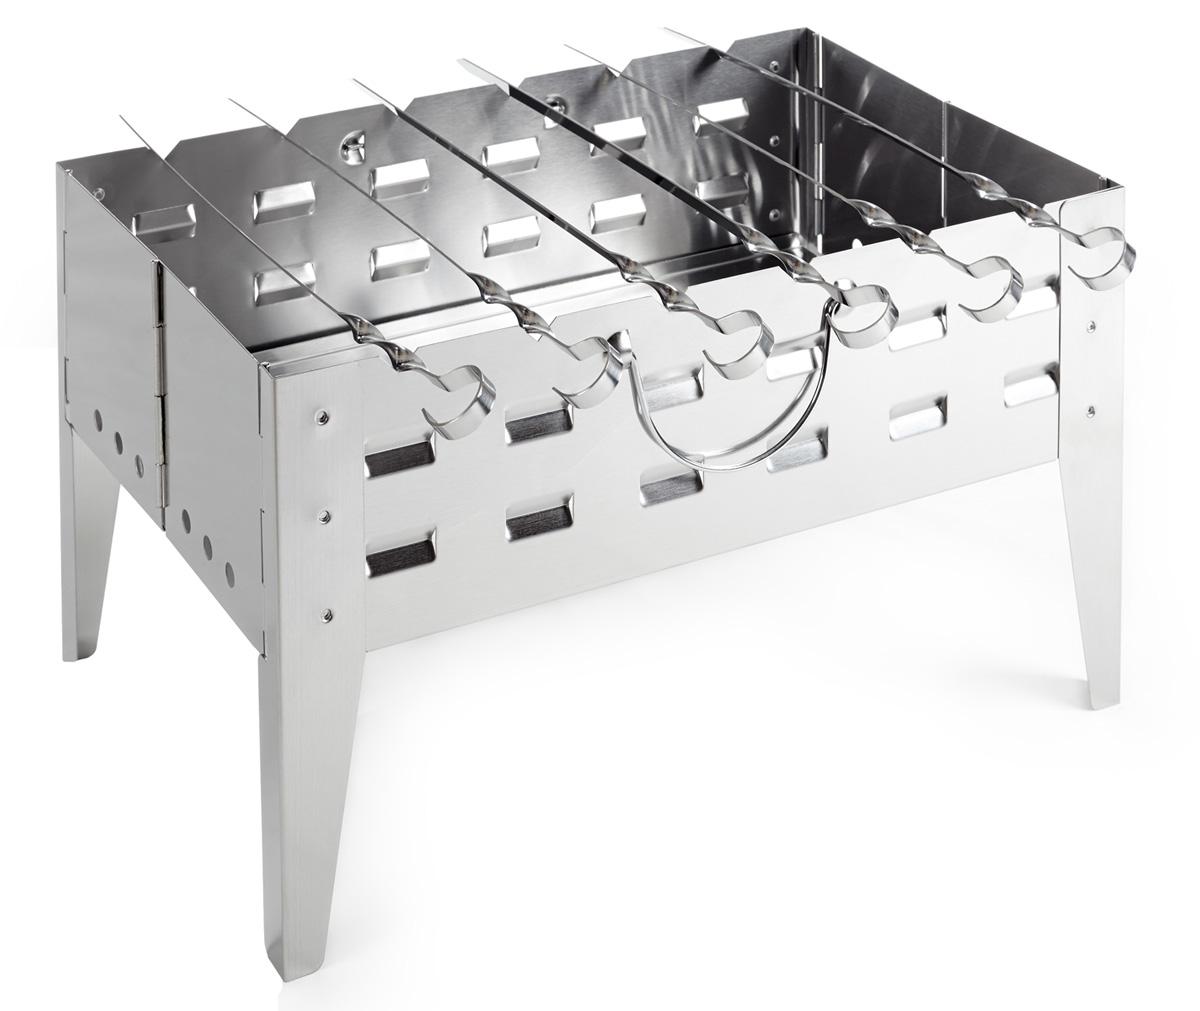 Мангал портативный Higashi, складной, с 6 шампурами. A723BSA723BSСкладной мангал, простой и удобный в сборке. В комплект входит набор шампуров (6 штук) и сумка для переноски. Размер в собранном виде: 51 х 32 х 5,5 см. Размер в рабочем состоянии 51 х 32 х 30 см. Вес: 3,29 кг. Материал: нержавеющая сталь. Толщина стали 0,6 мм.